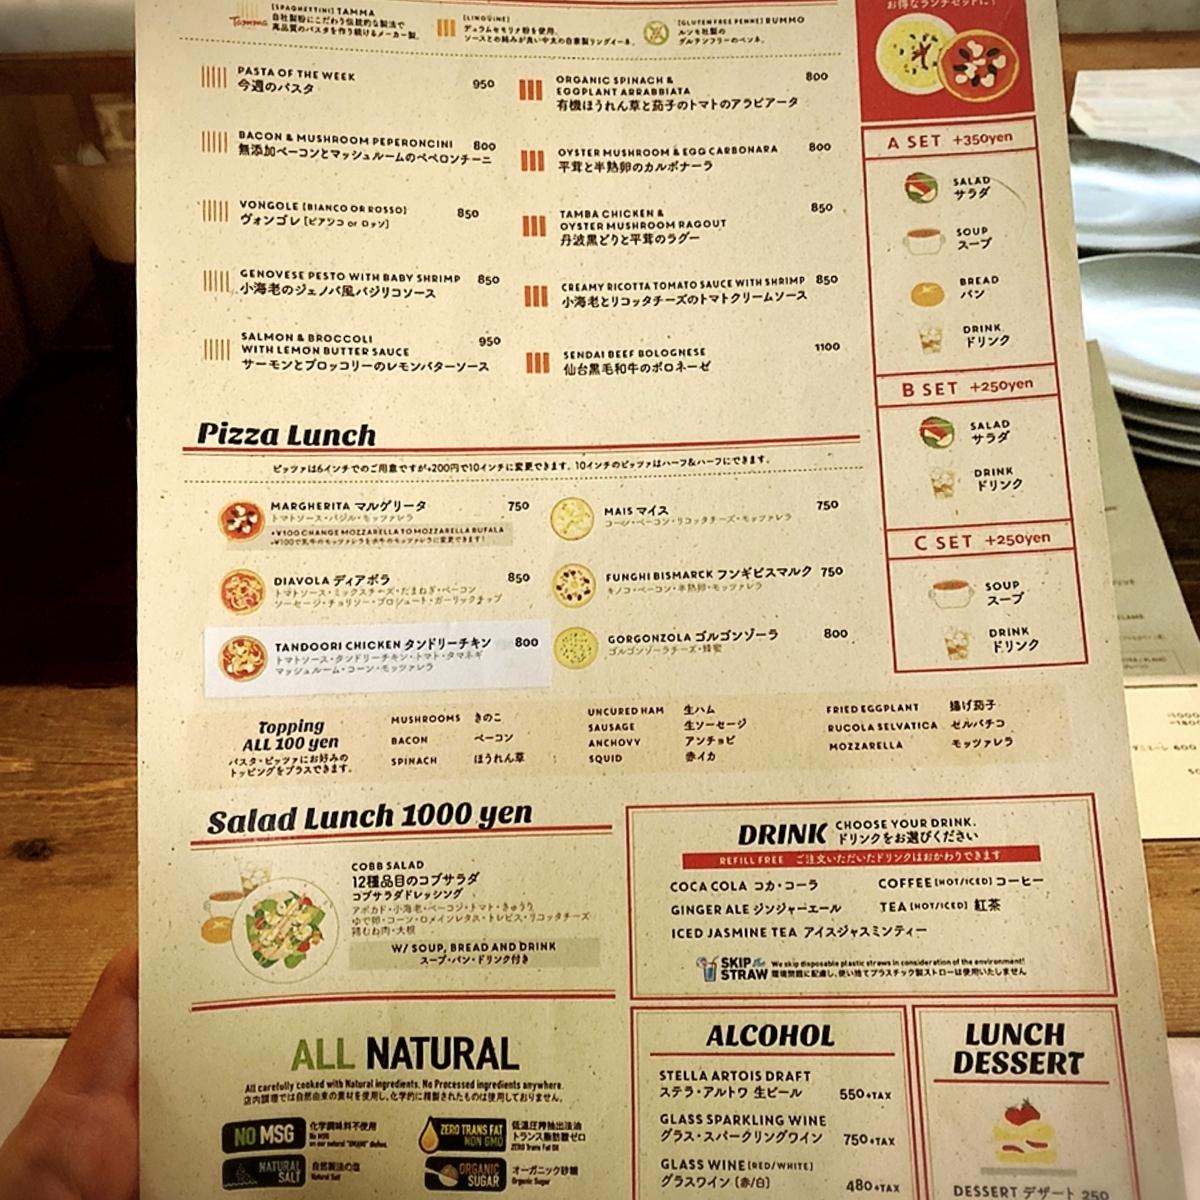 「カフェ リゴレット」のメニューと値段